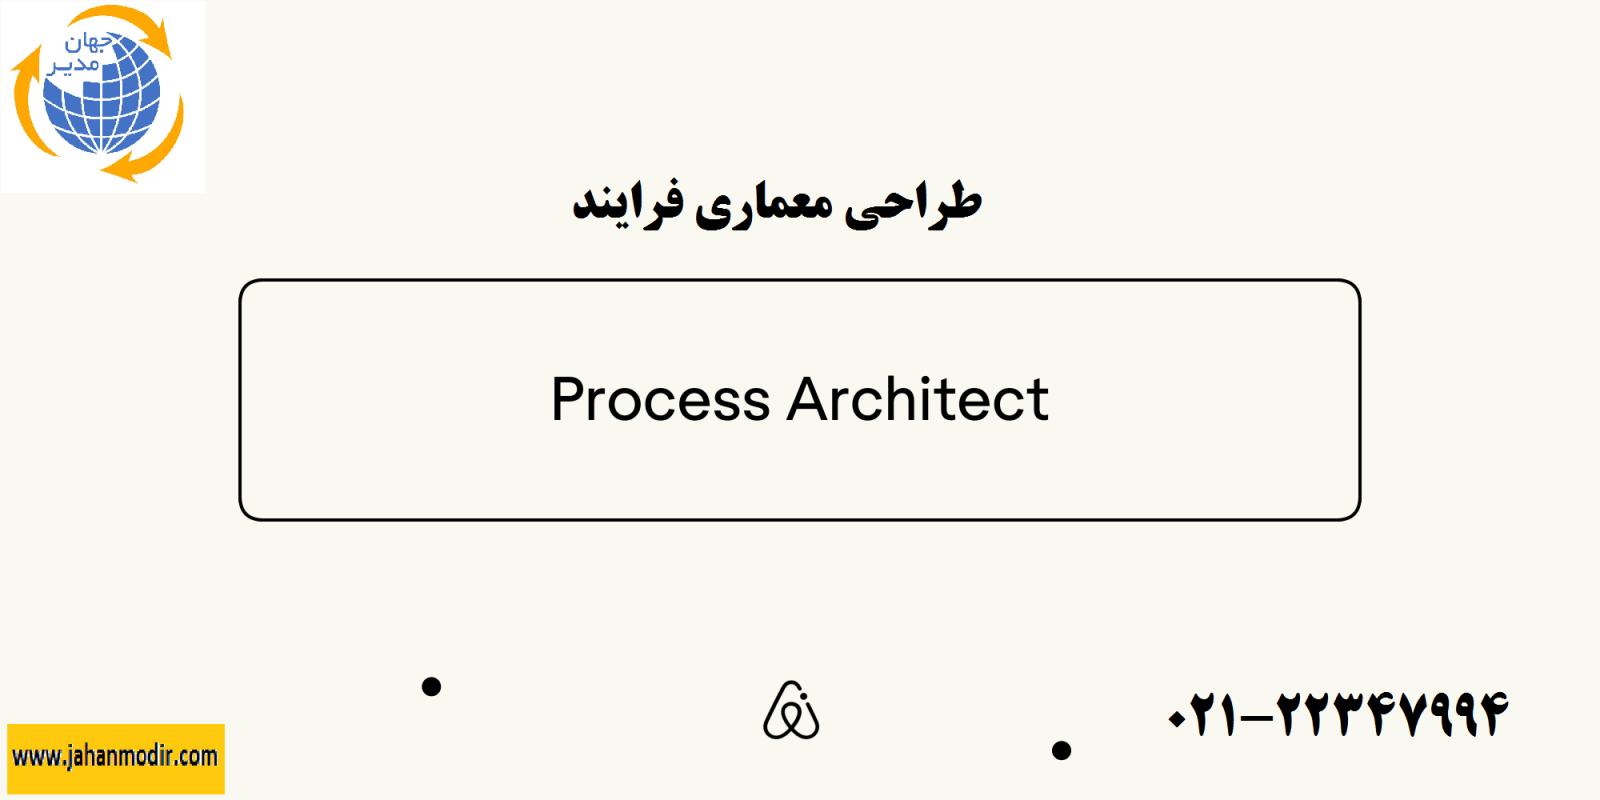 معماری فرایند سازمانی